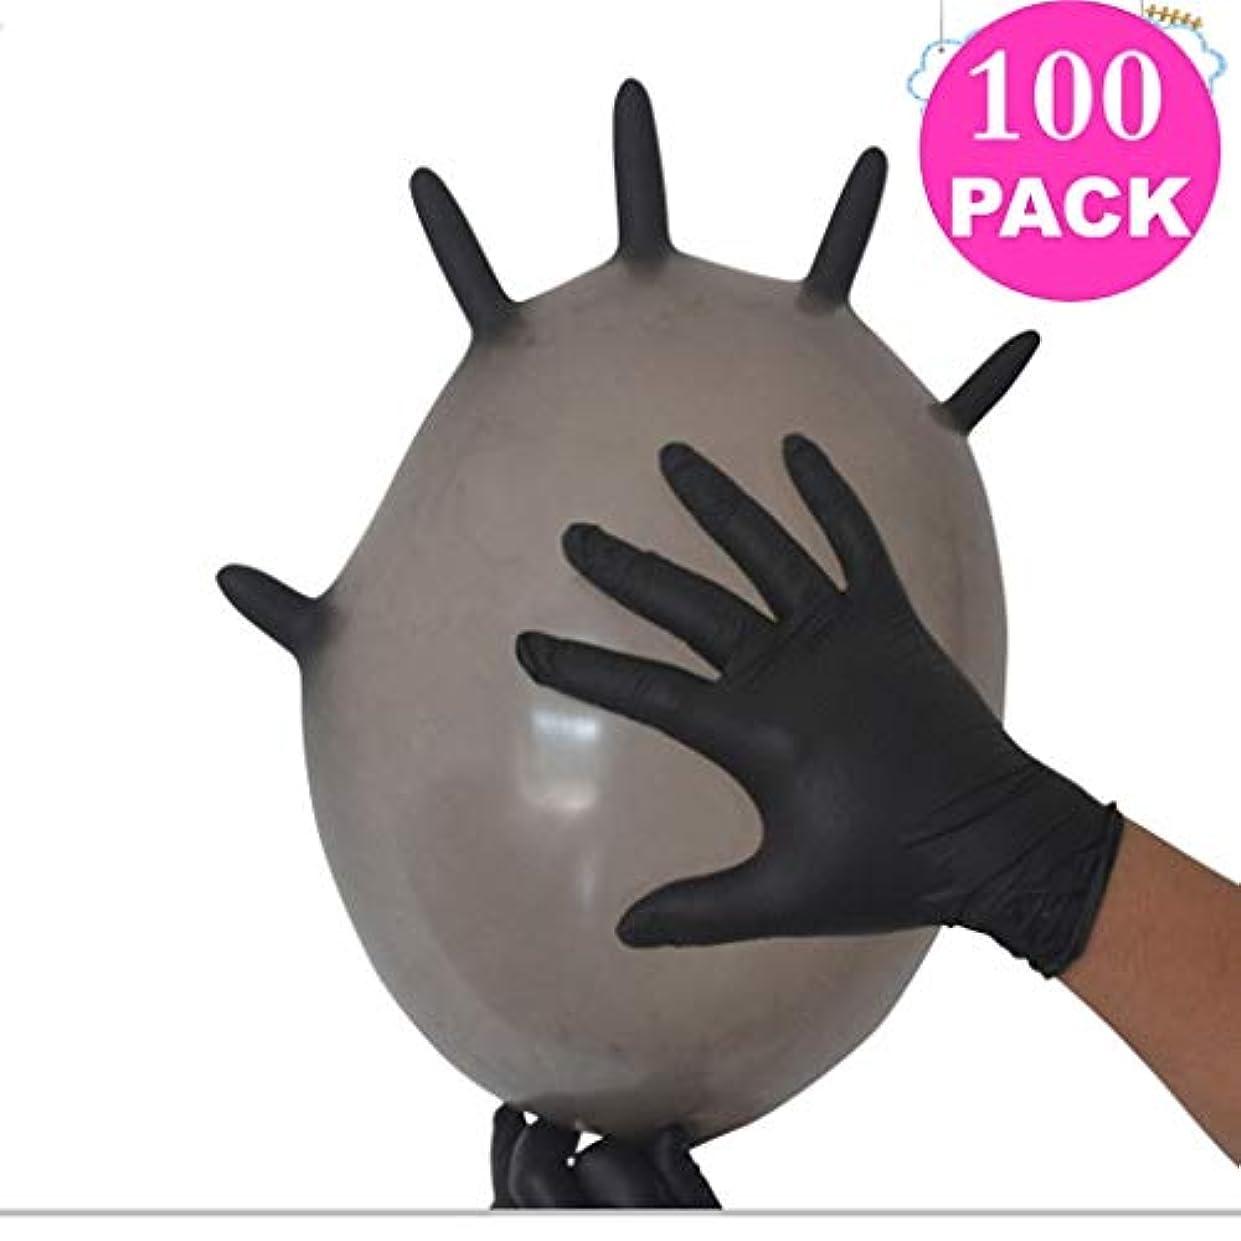 超えてビーズ私達1パック使い捨て手袋ニトリルケータリング耐油試験用ラテックス外科gloves100 (Color : Black, Size : L)